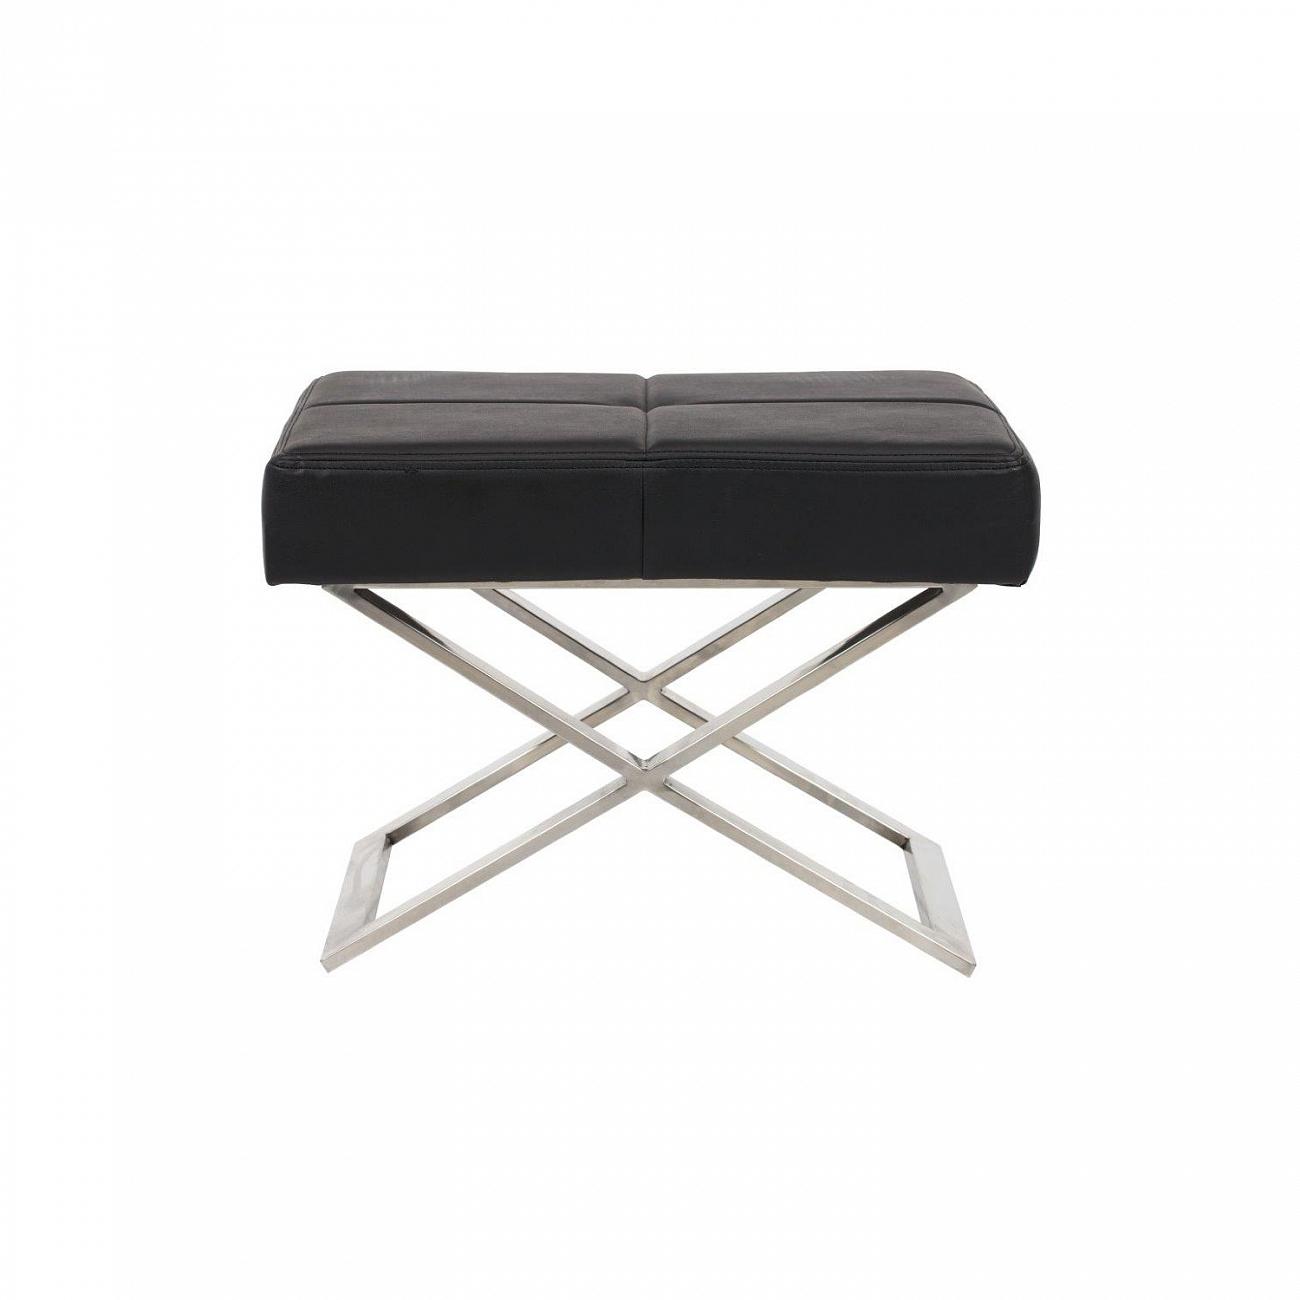 Купить Табурет Aster X Stool Черная Экокожа в интернет магазине дизайнерской мебели и аксессуаров для дома и дачи